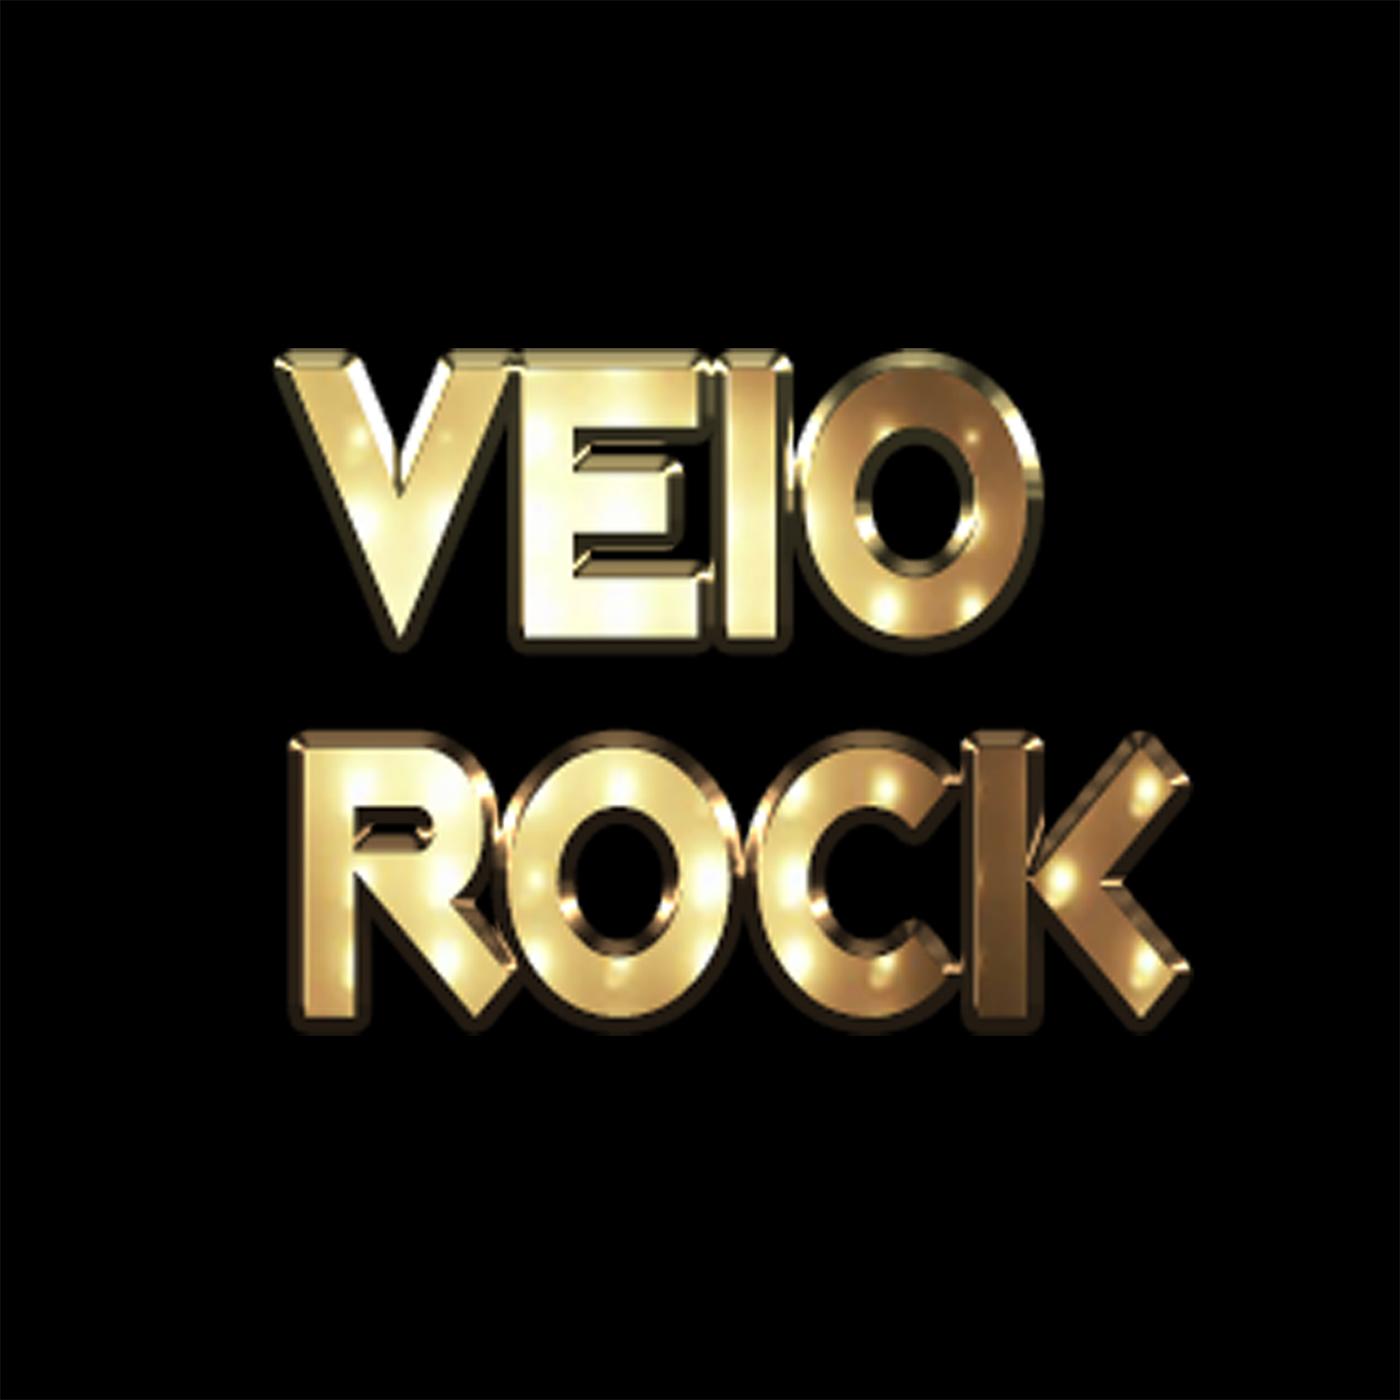 VEIO ROCK